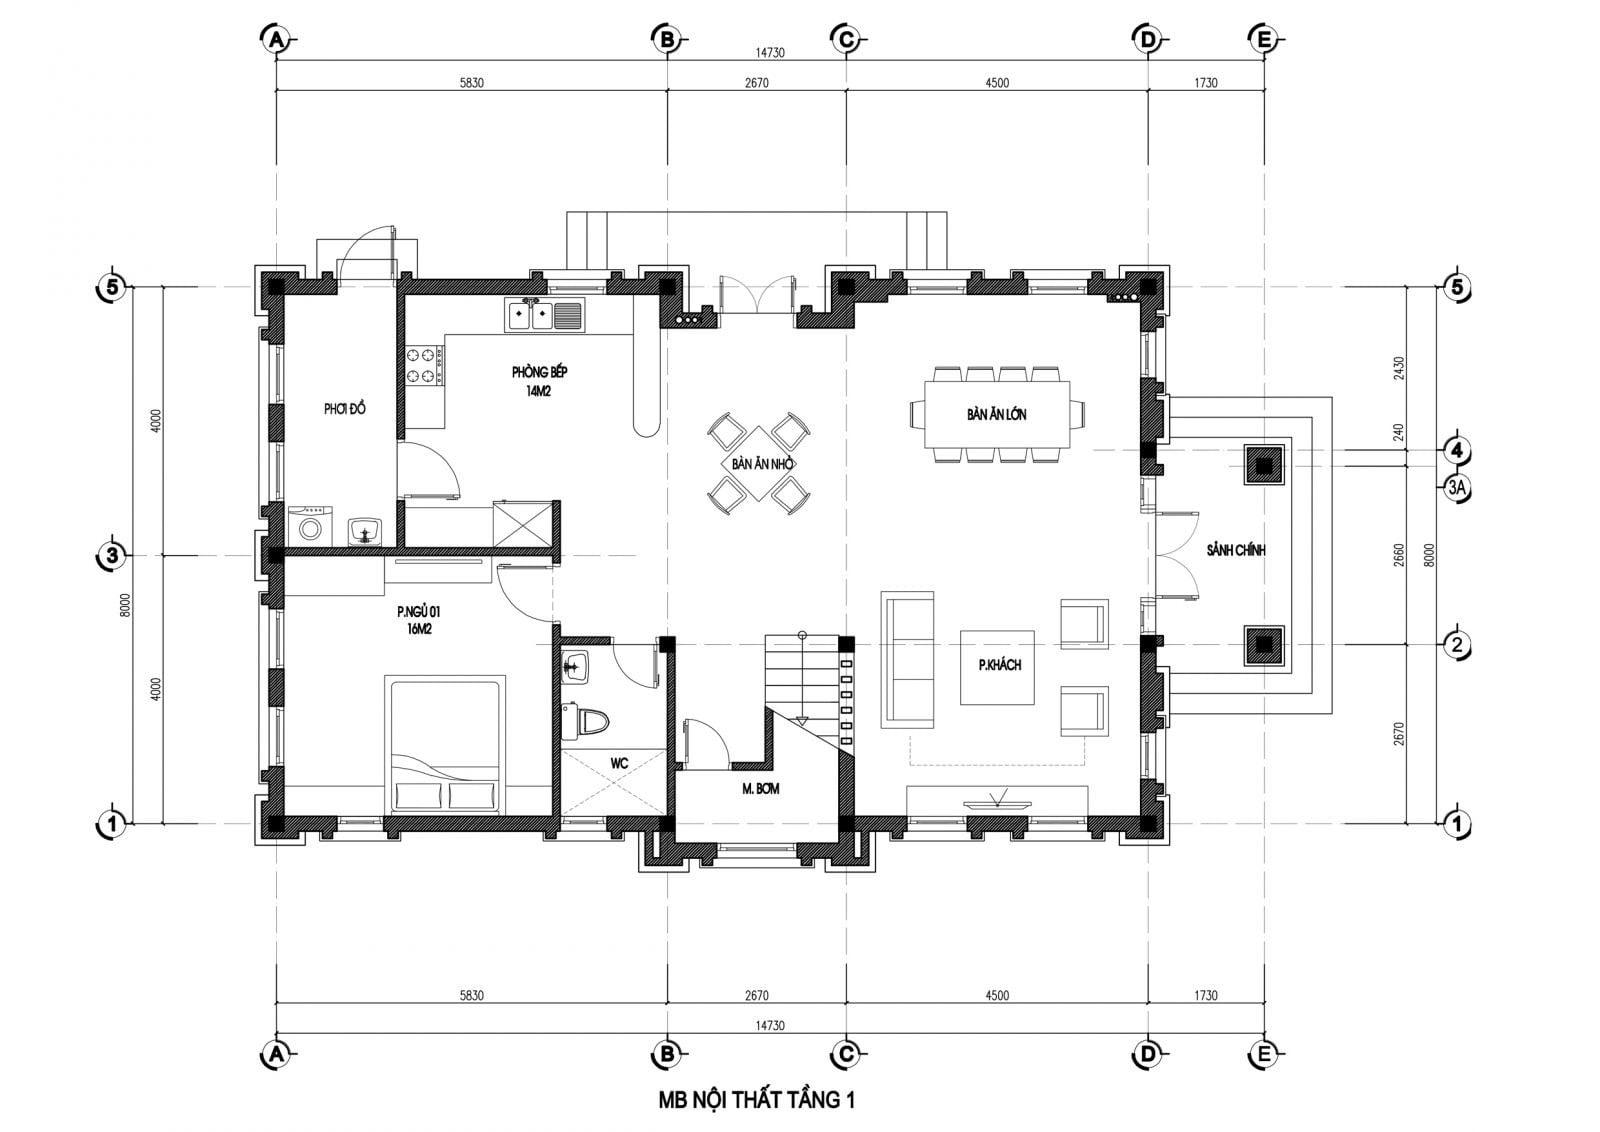 mẫu thiết kế biệt thự mini 3 tầng cổ điển đẹp 3